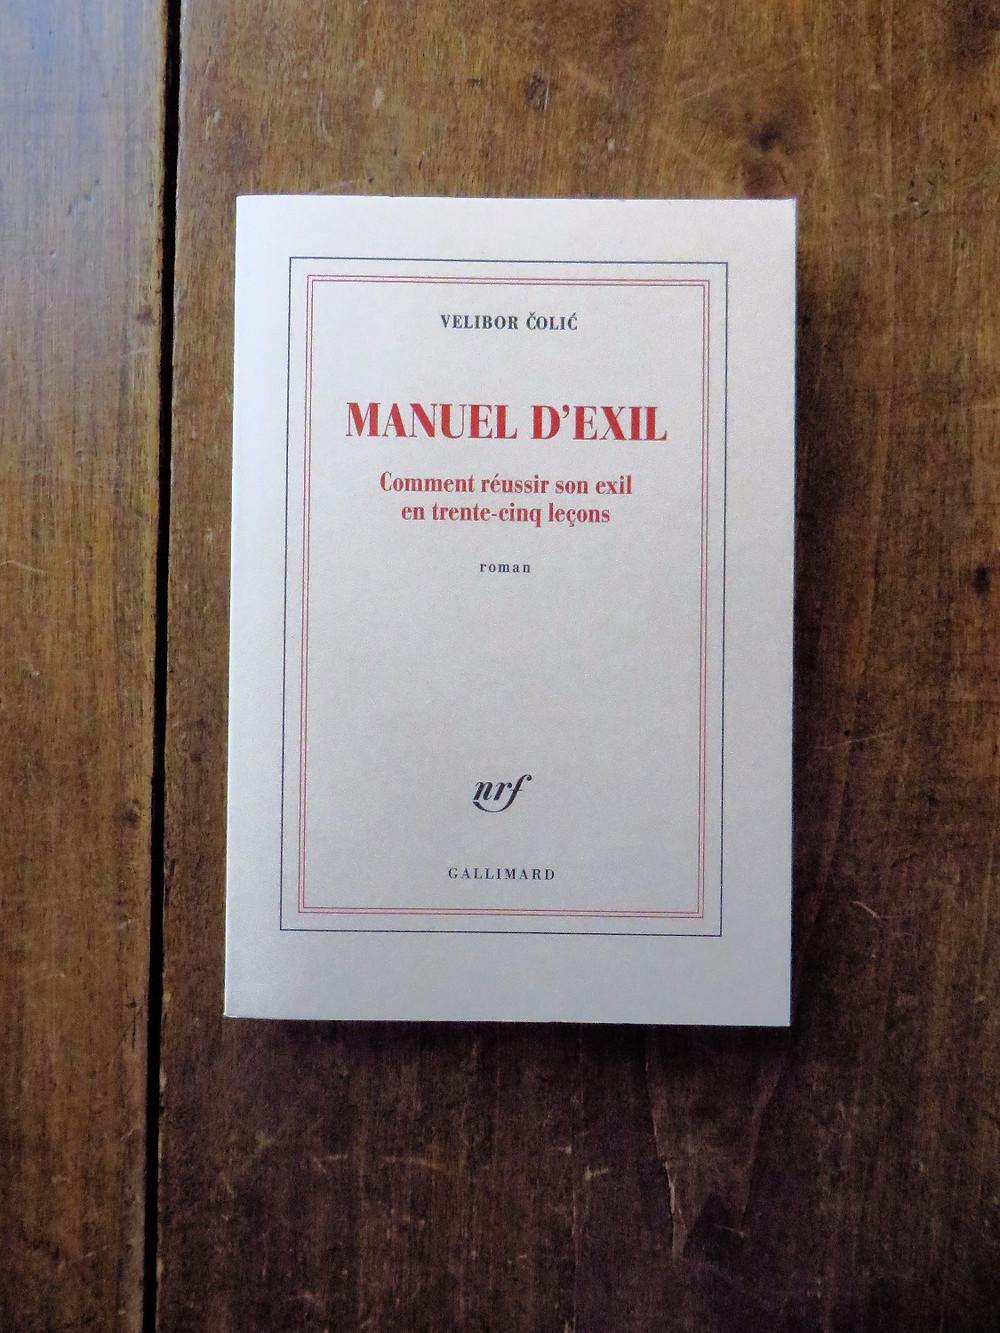 Photo : Manuel d'exil, de Velibor Čolić